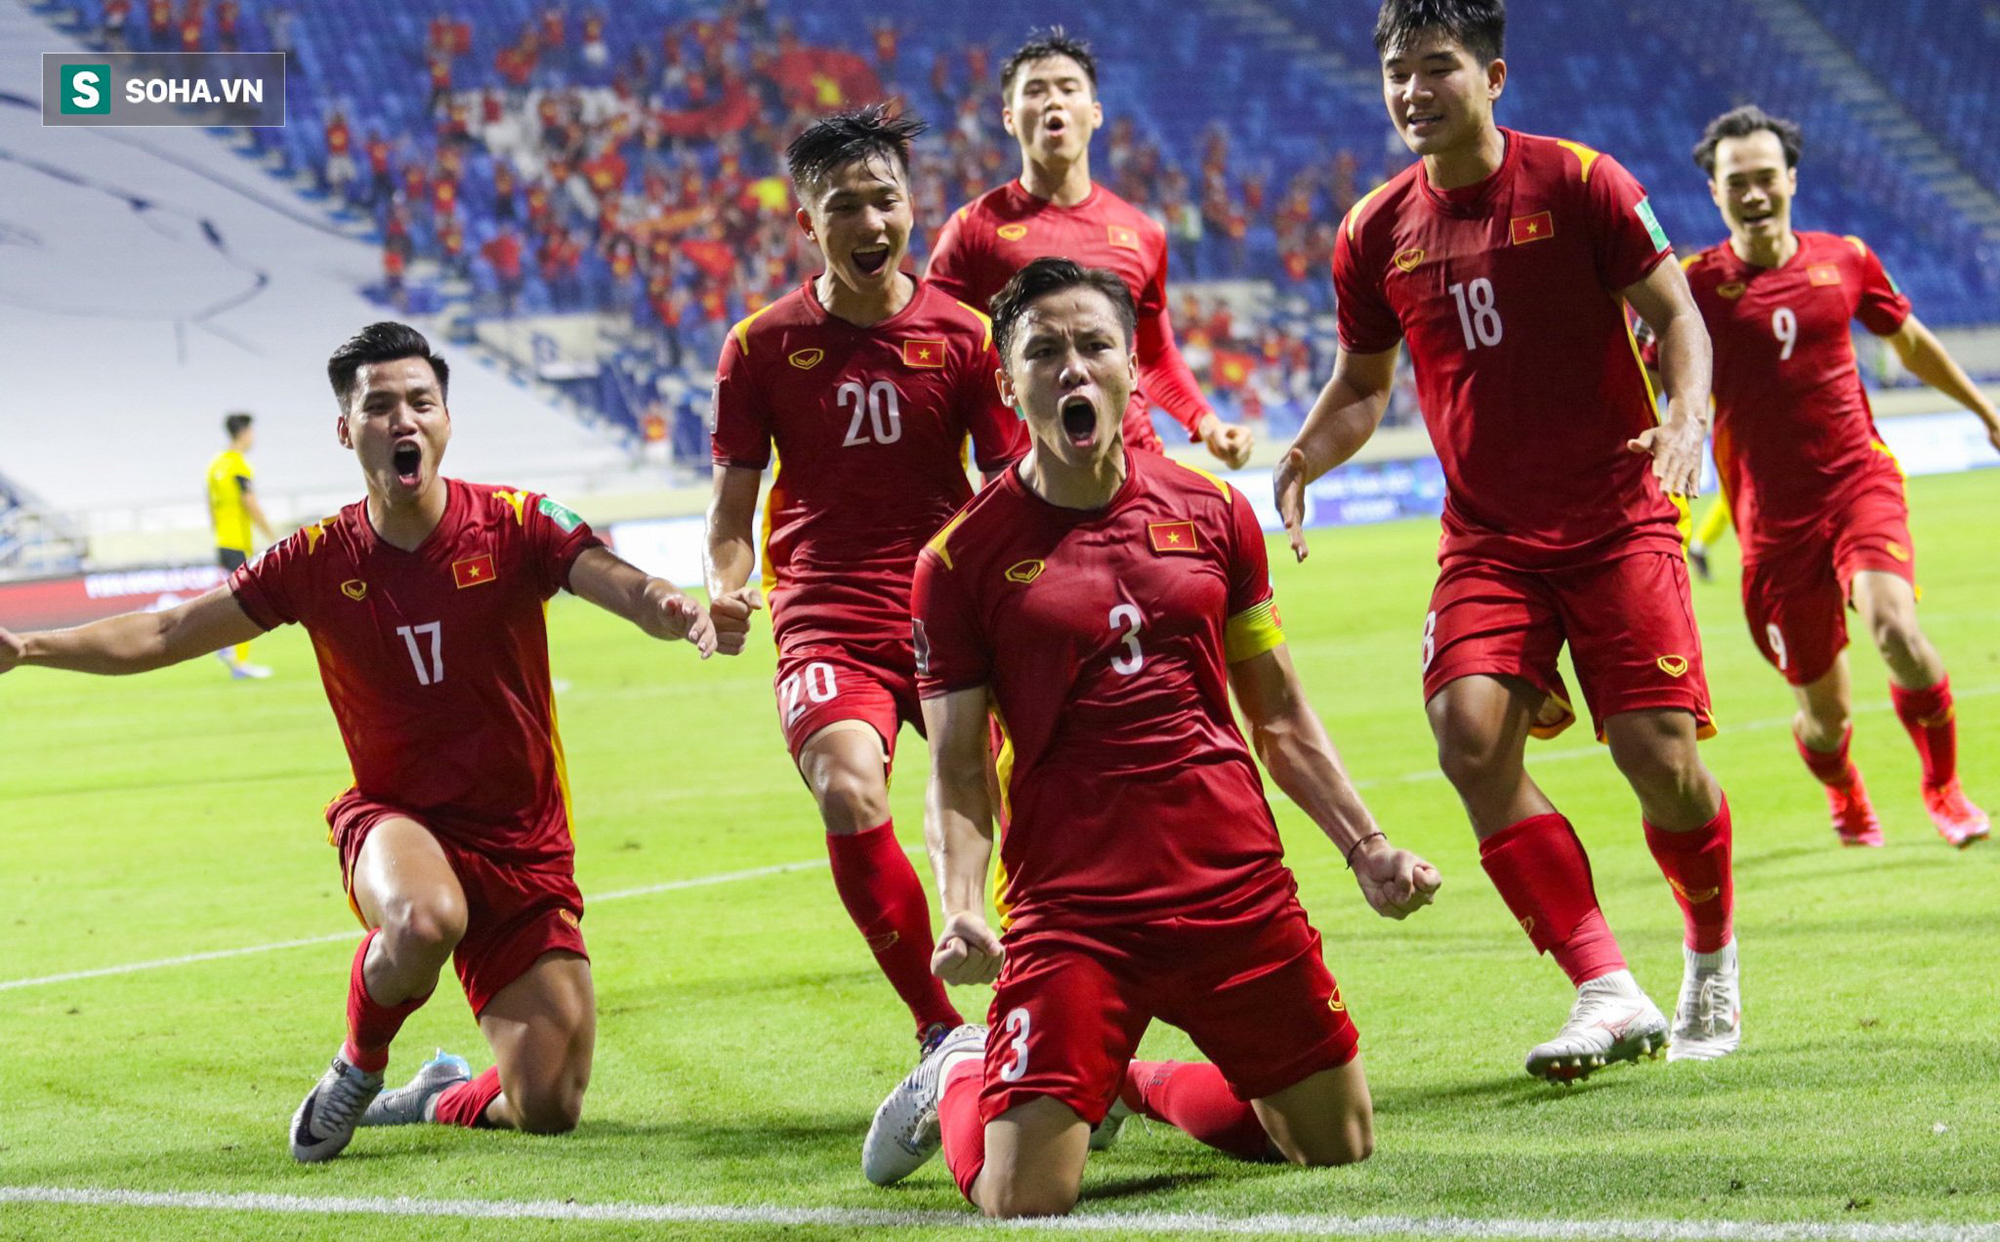 ĐT Việt Nam nhận thưởng nóng 3 tỷ đồng sau trận thắng kịch tính trước Malaysia